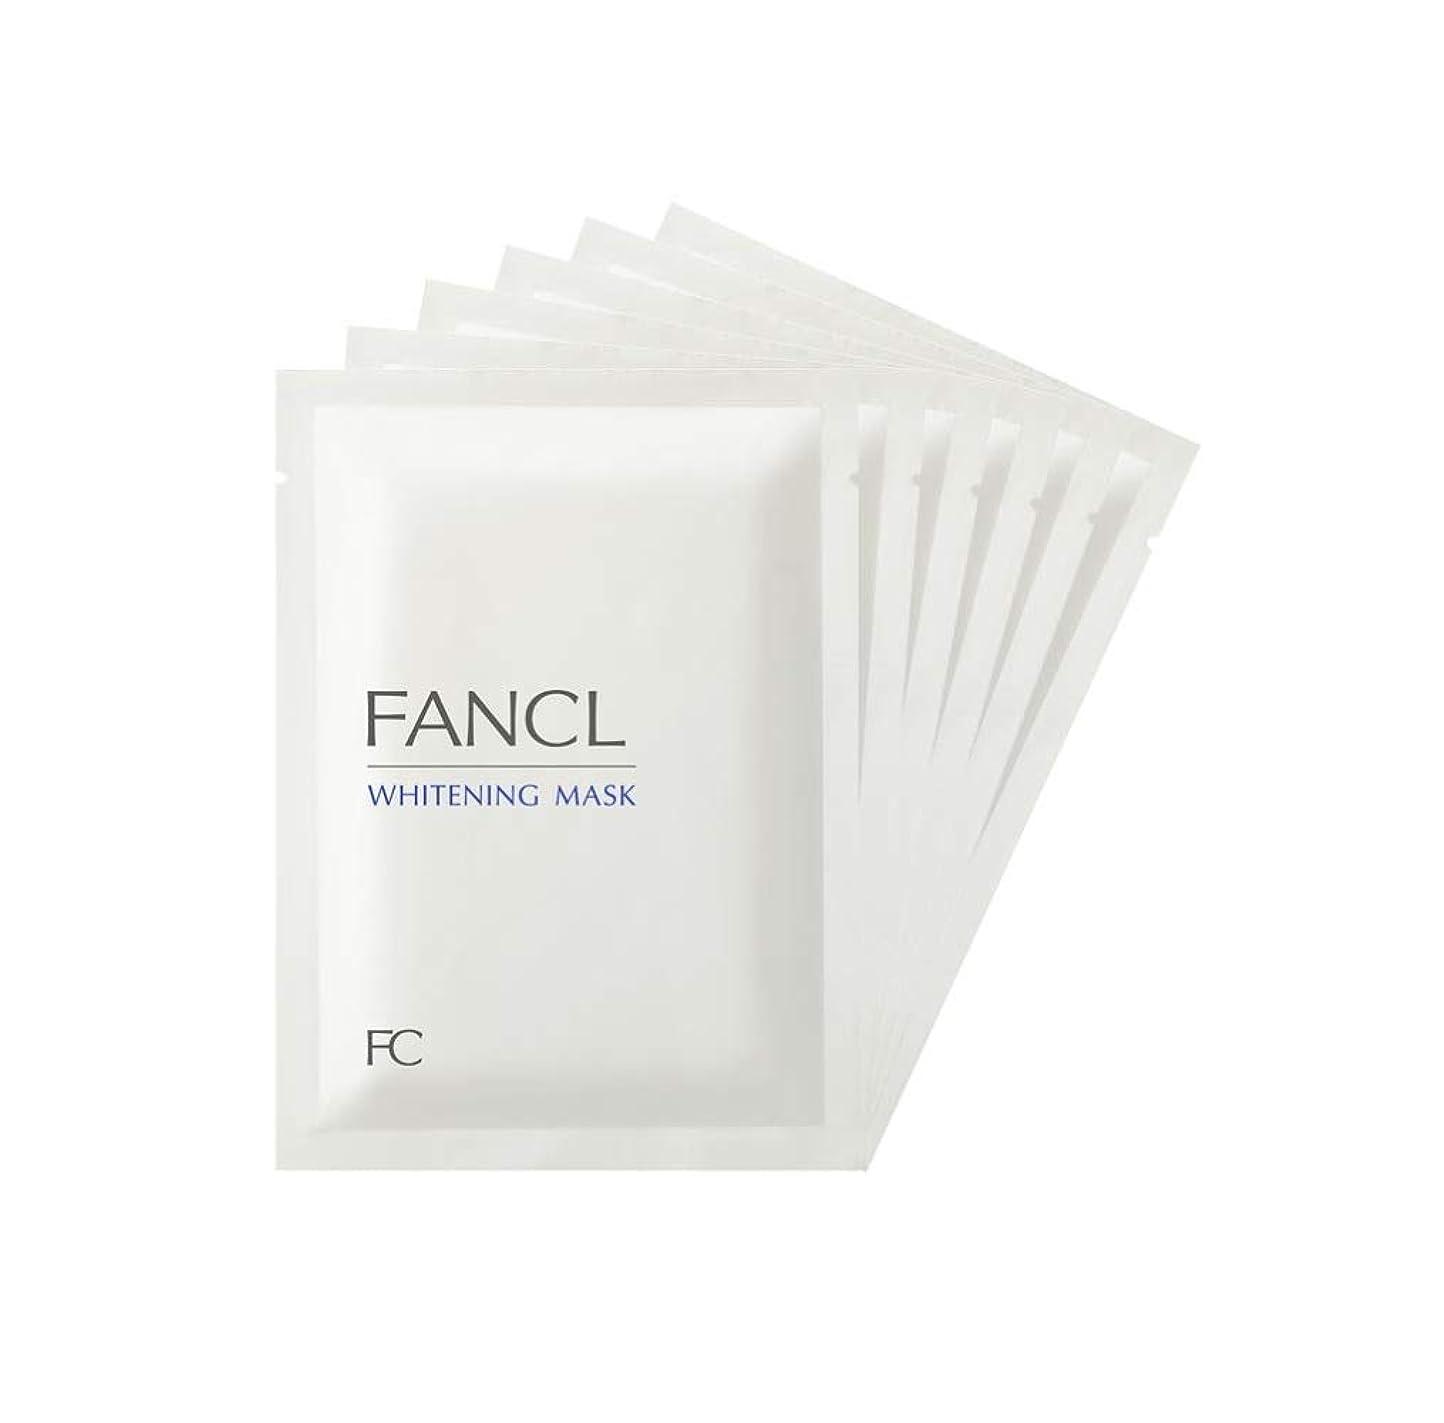 共役発掘かなりファンケル (FANCL) 新 ホワイトニング マスク 6枚セット (21mL×6) 【医薬部外品】